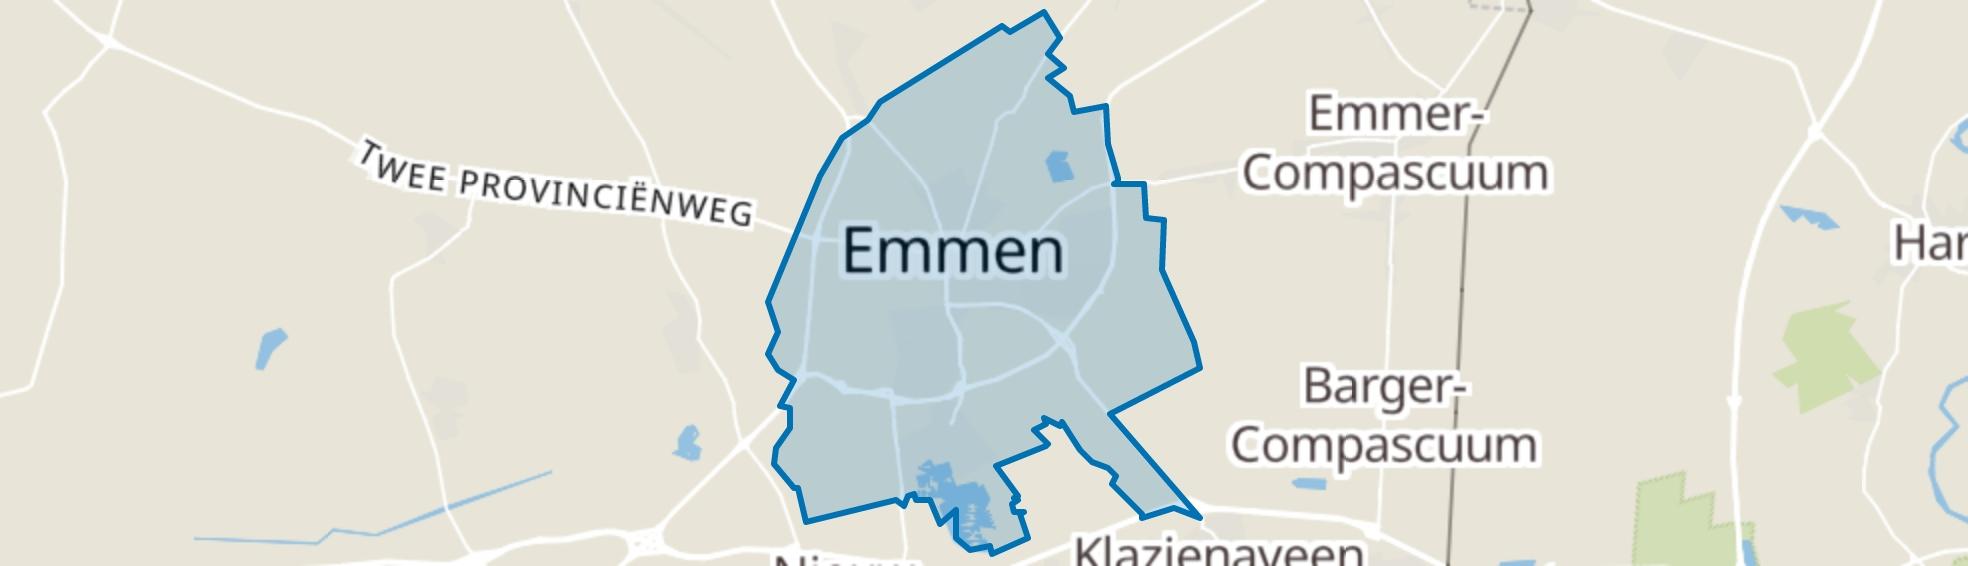 Emmen map